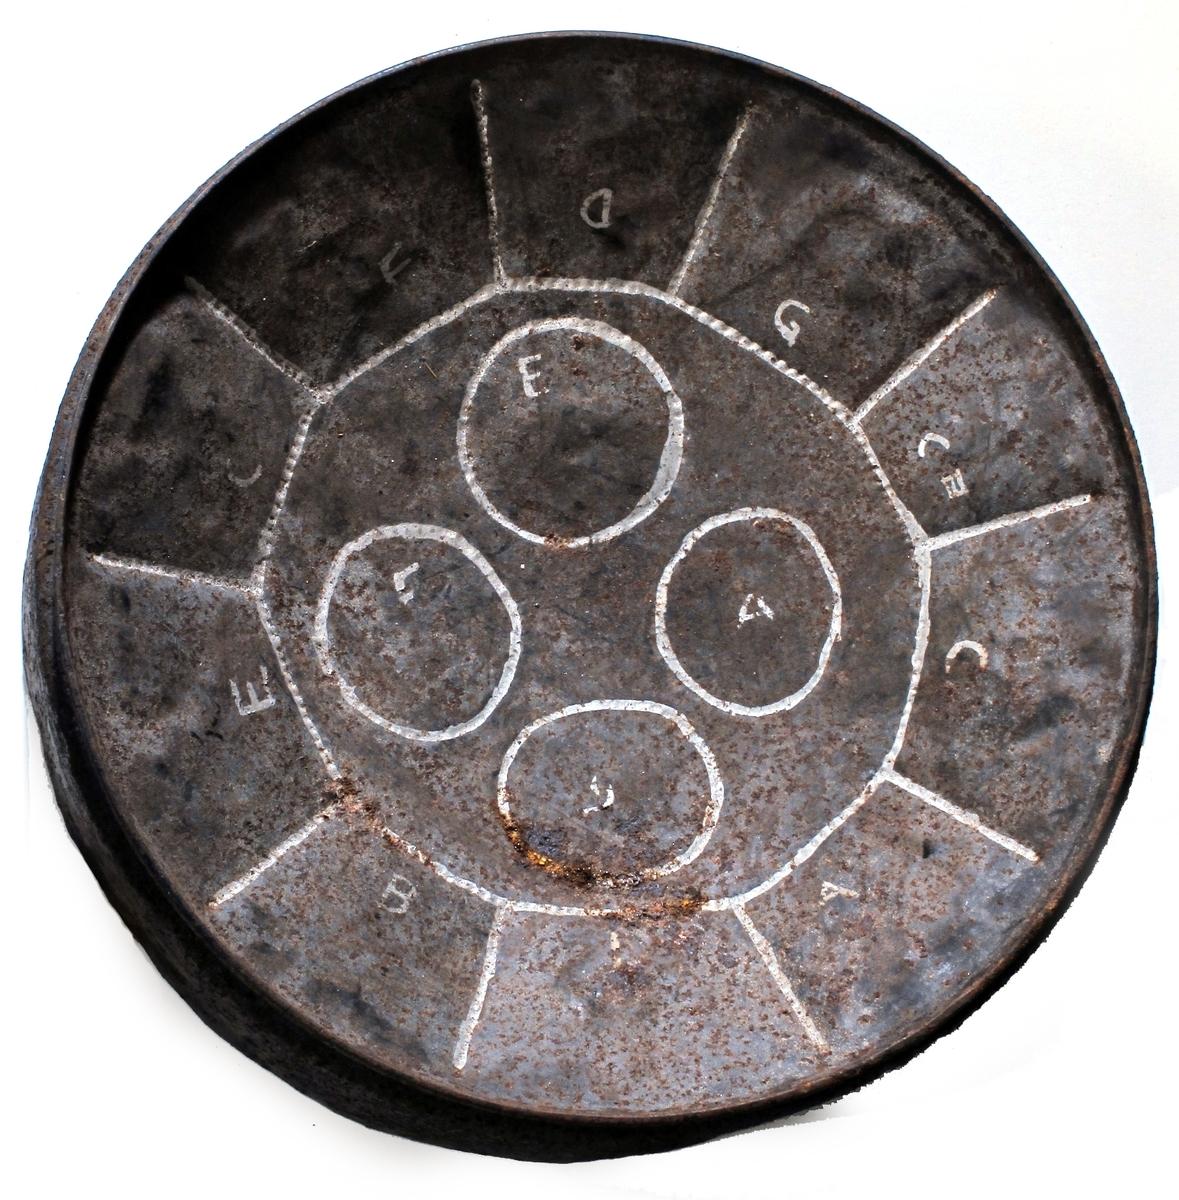 Tromme  av jernblikk, toppen av et oljefat, malt dypblå på siden. Markeringer i hvitt i toppflaten.  Konkavt buet toppflate med en hvit ring, hvori 4 mindre ringer. Langs kanten feltinndelt med hvitt i riller i overflaten, feltene er av forskjellig størrelse. Ringer og felt er markert med  notebokstaver.  Lav blå side, uten bunn. Tynn snor til å henge over skulderen .  Musikkhistorisk museum, Ringve, har en make, men større, er toppen av et oljefat.